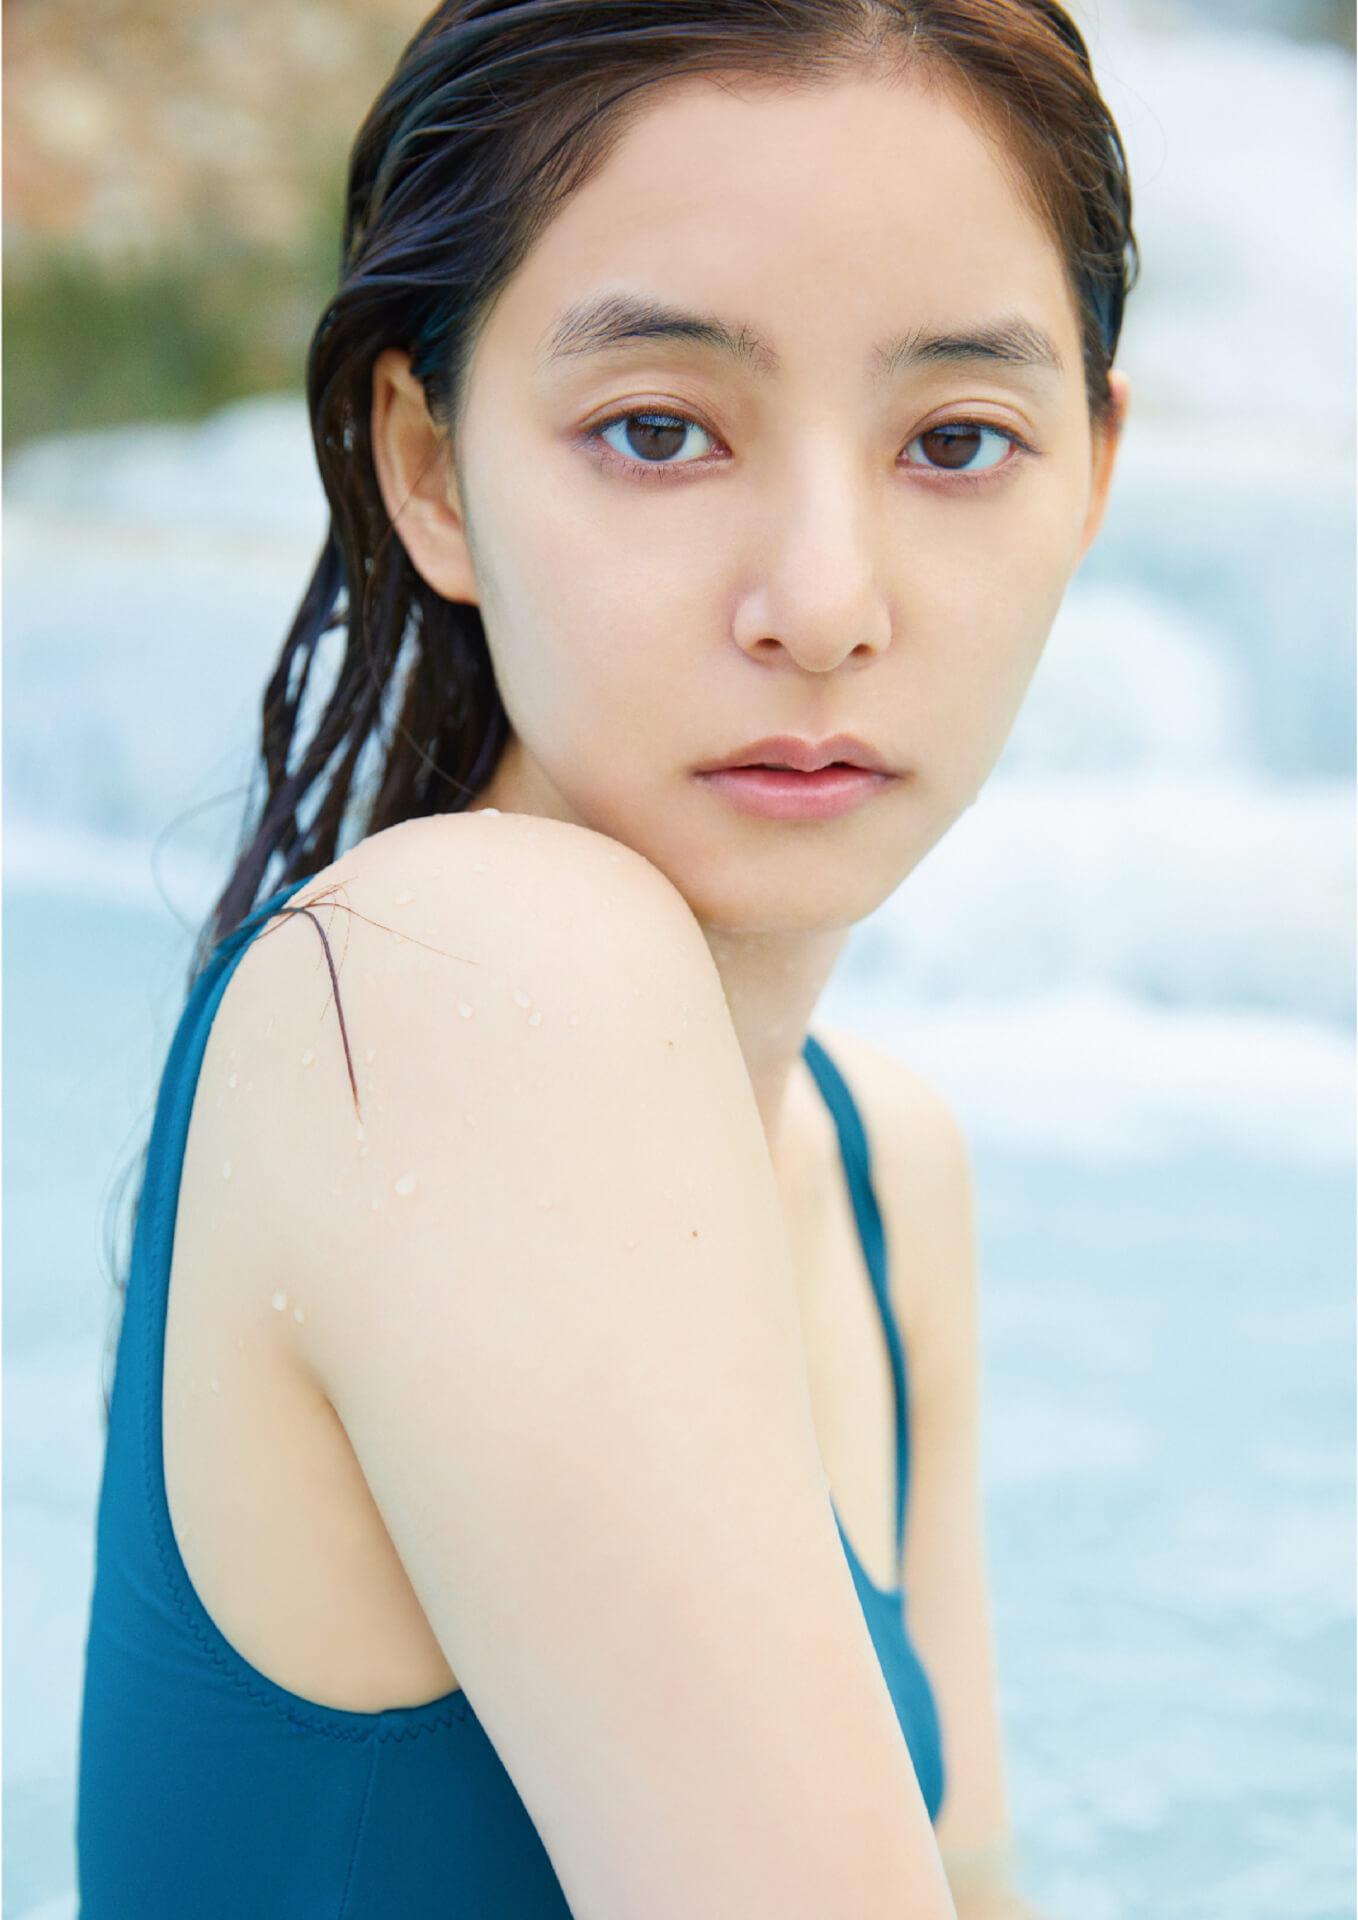 新木優子、2nd写真集『honey』で魅せた美しすぎる艶姿に注目|表紙イメージ&収録カット解禁 art190917_arakiyuko_2